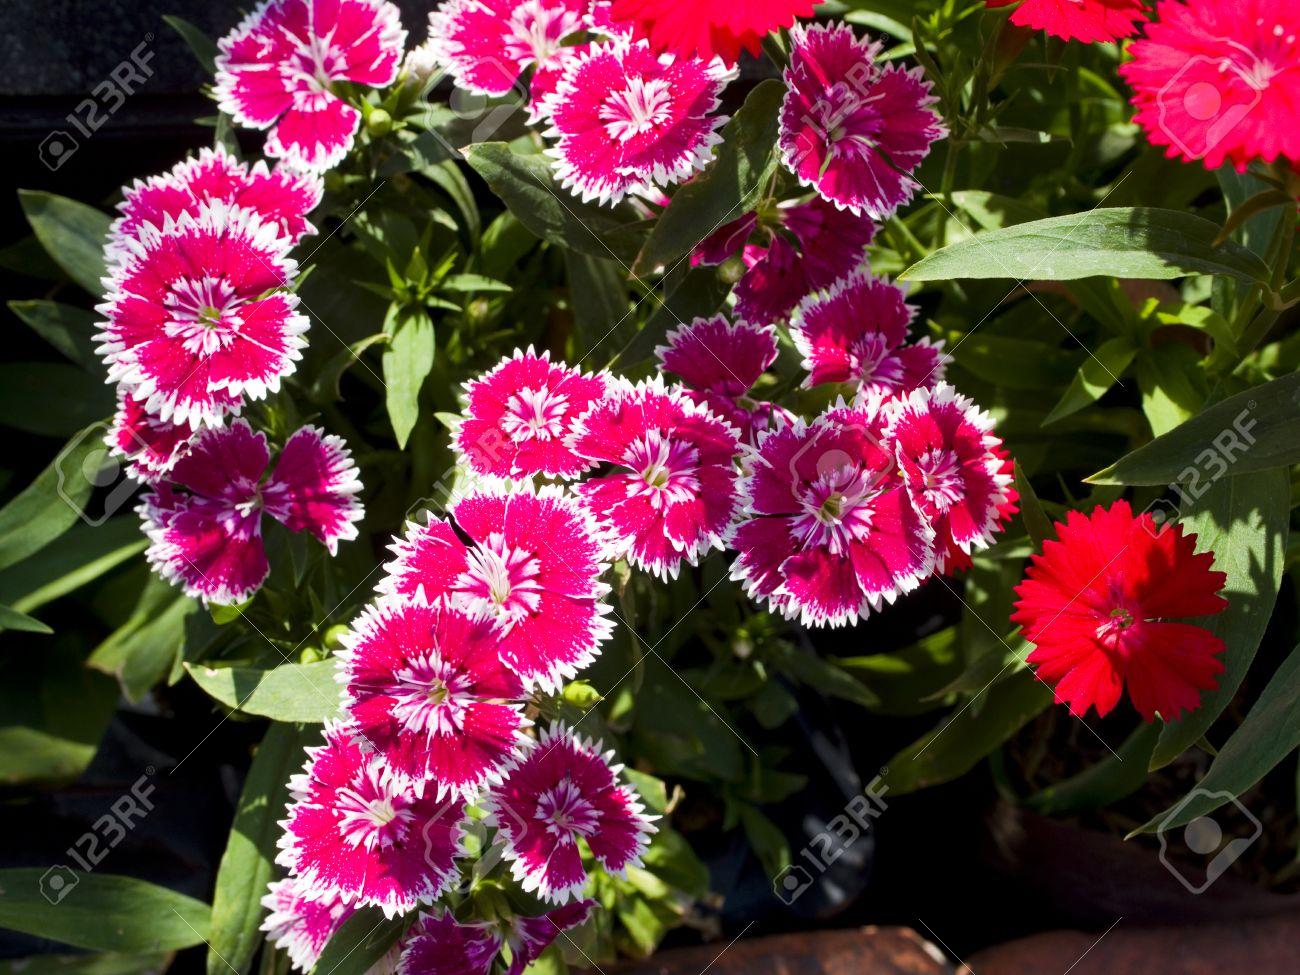 Butterfly è Una Piante Da Fiore Con Petali Di Fiori Bellissimi Seghettate Fiori Gamma Di Colore Bianco Rosa Rosso Viola